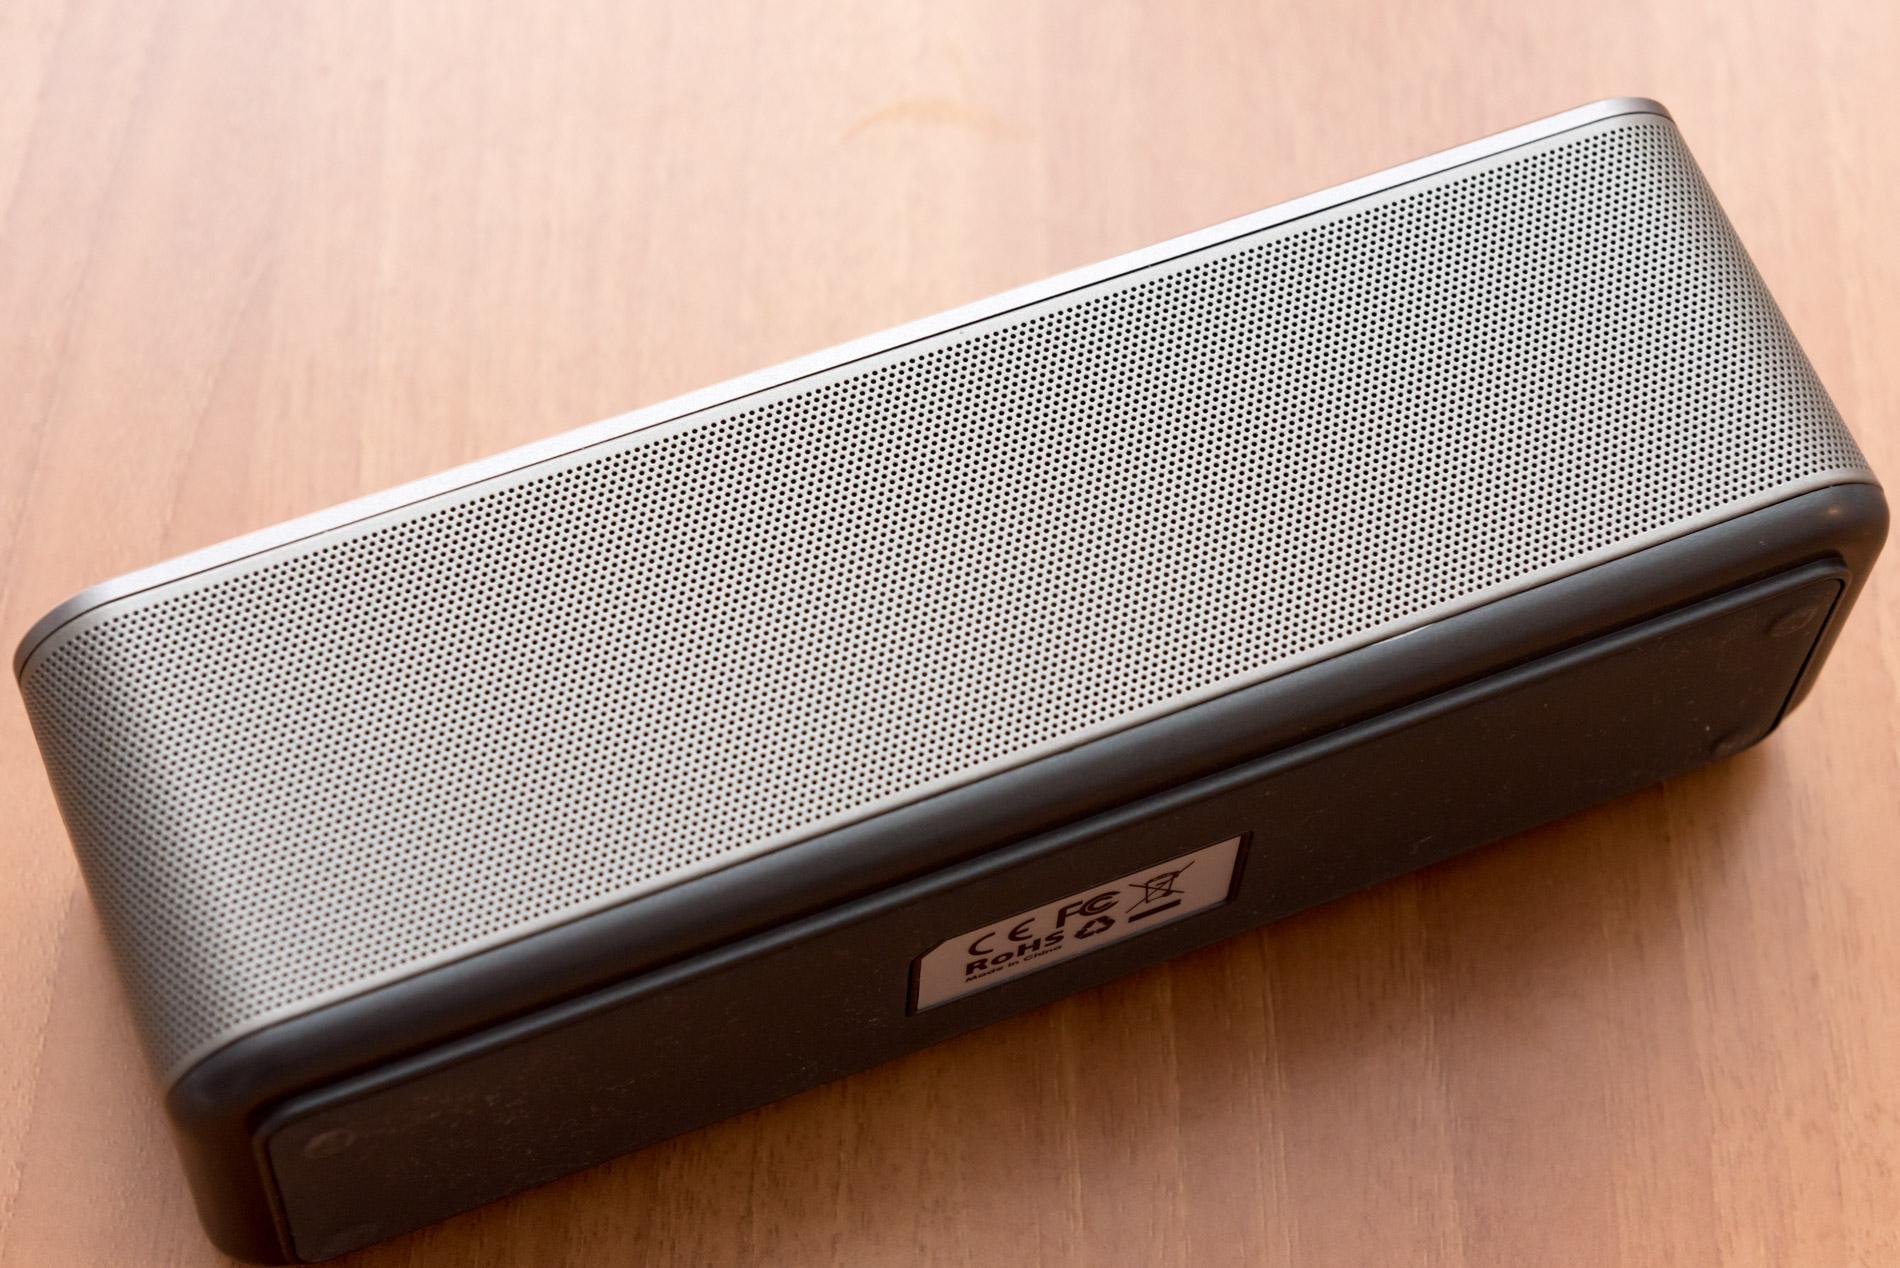 AUKEY SK S1 speaker design